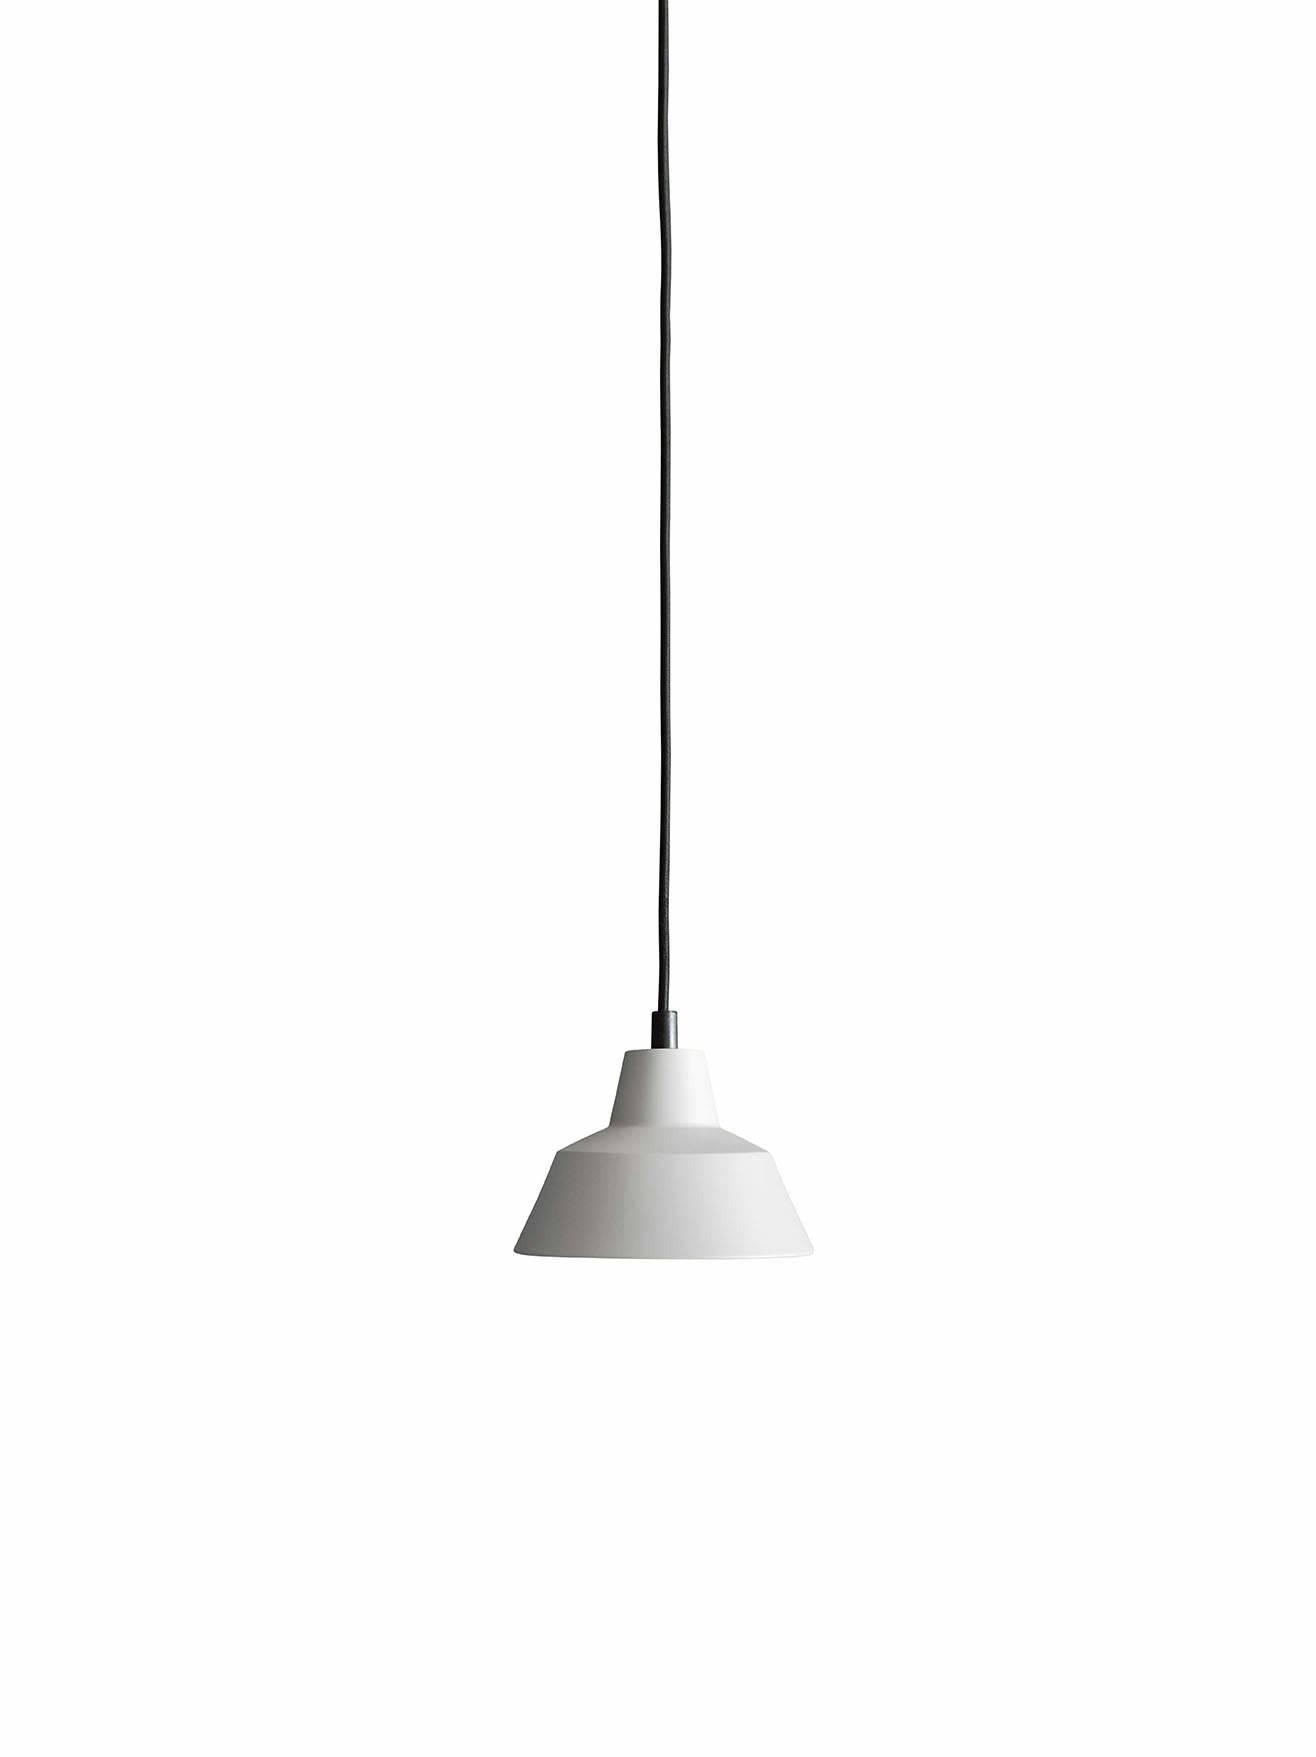 Et stykke dansk design historie fra Wedel Madsen. Med det solide og lidt industrielle look passer den særligt godt til en rå og minimalistisk indretning. Og så giver den godt lys! Flot grå farve.